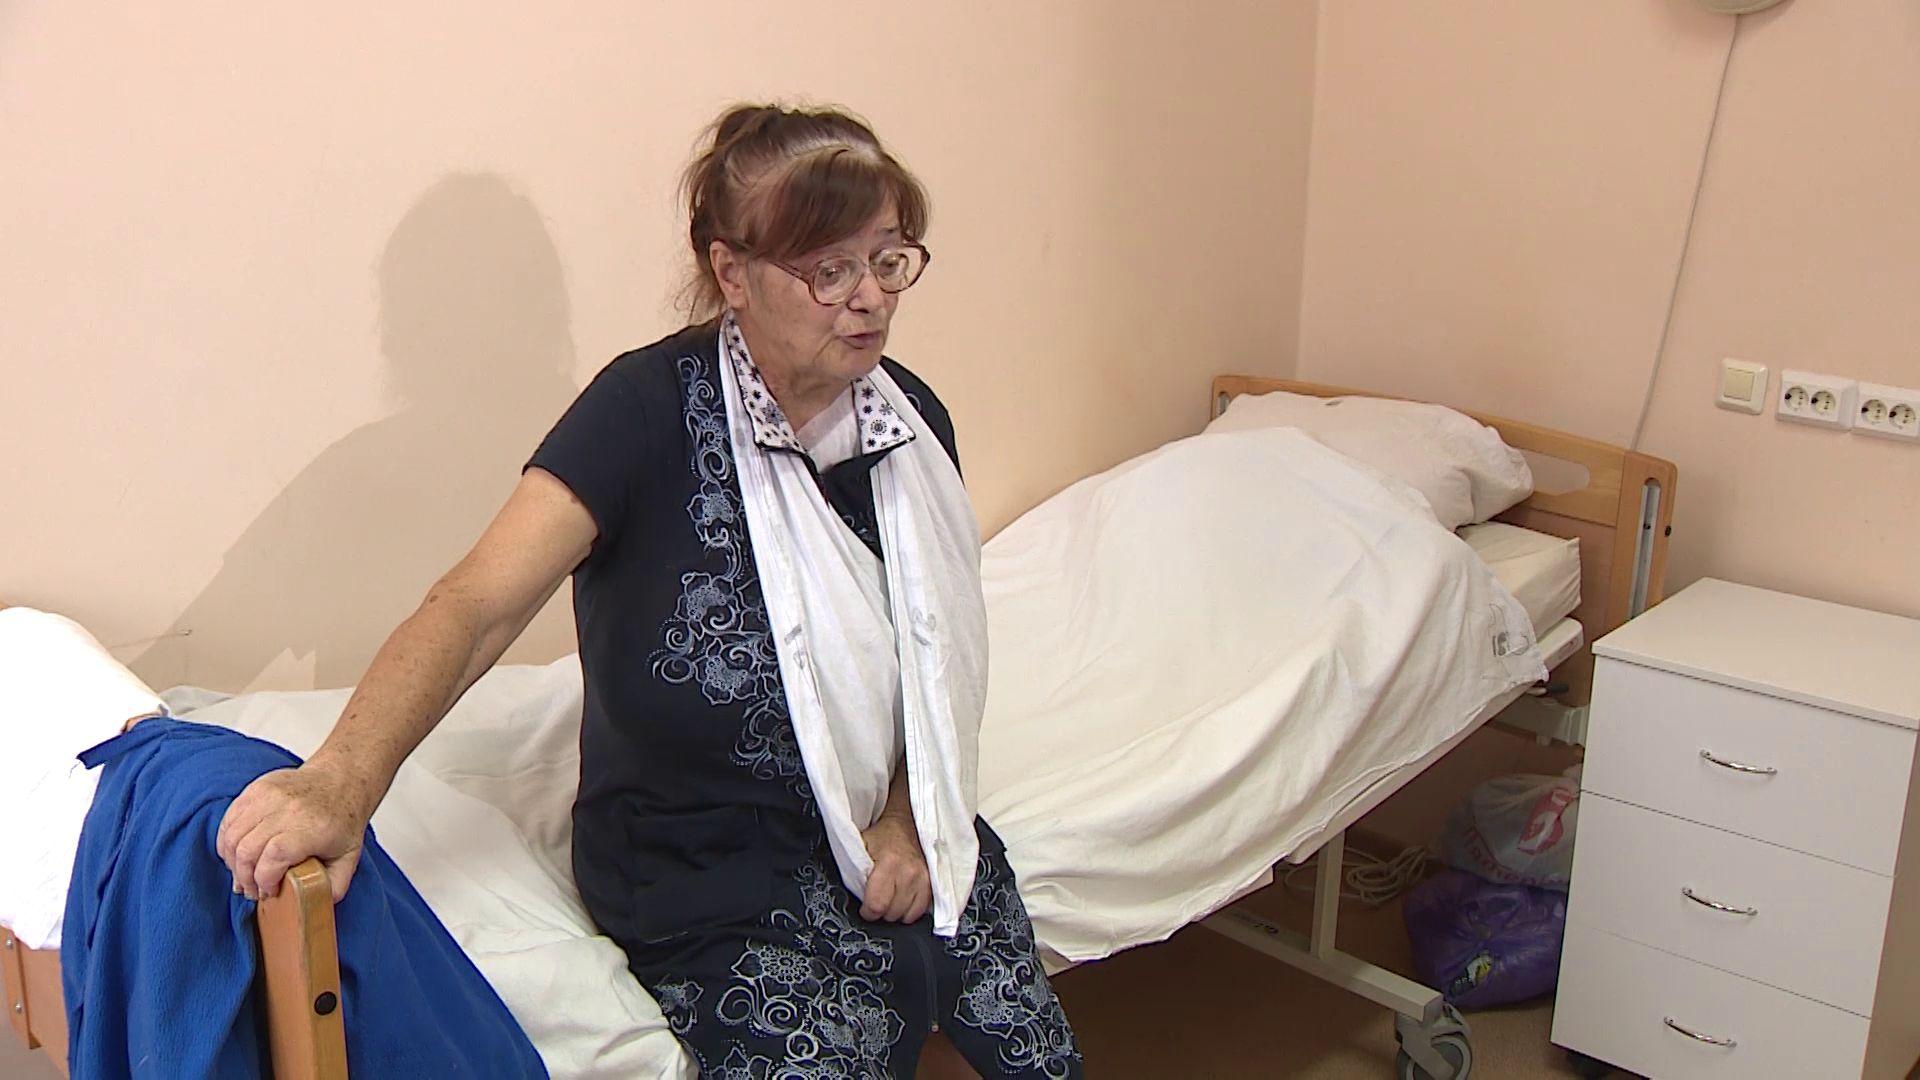 Пострадавшая в ДТП под Гаврилов-Ямом: «Жизнь дорога, девчонки. Каждой минутой надо дорожить»